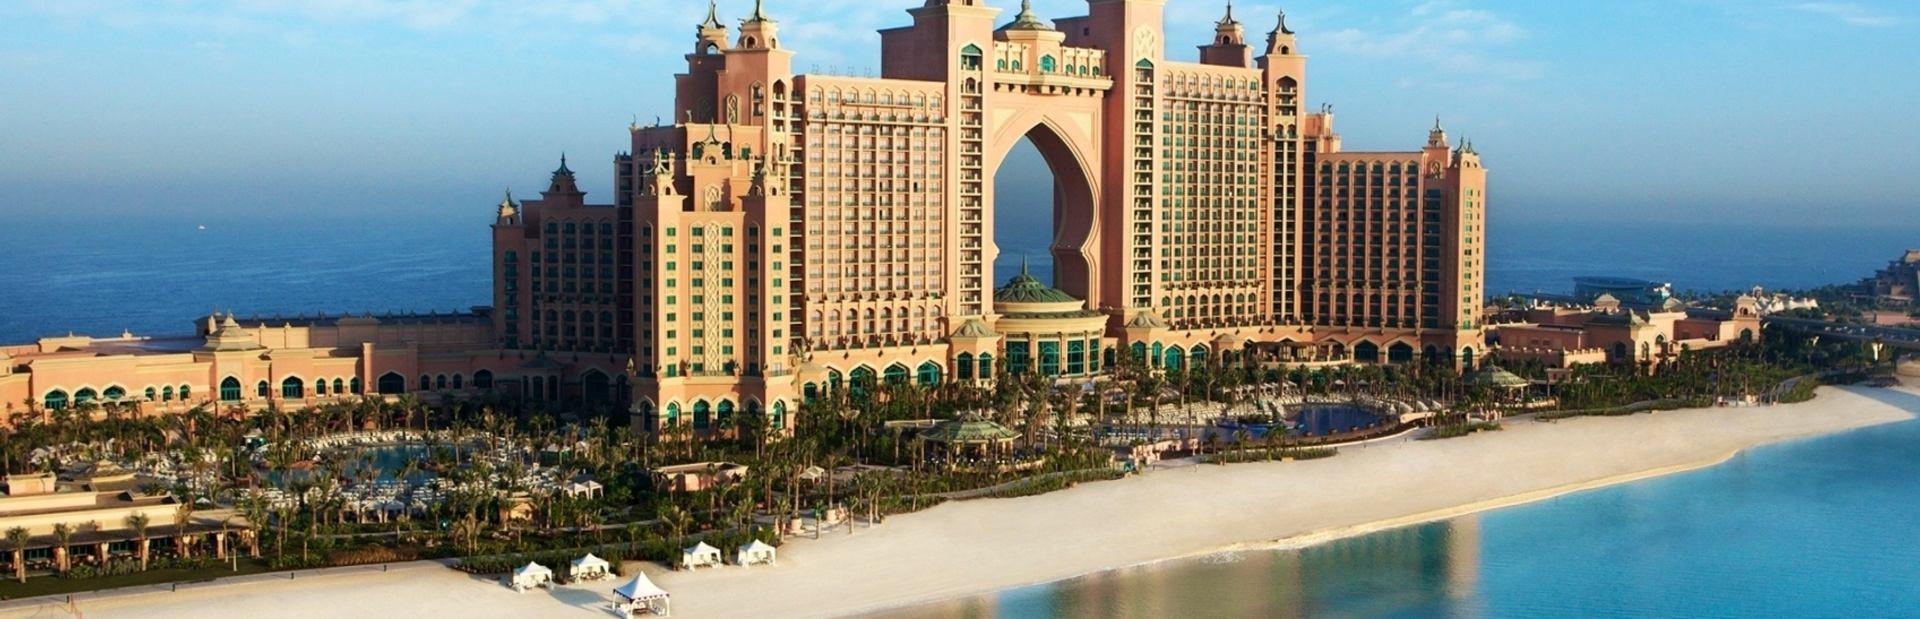 Dubai photo tour